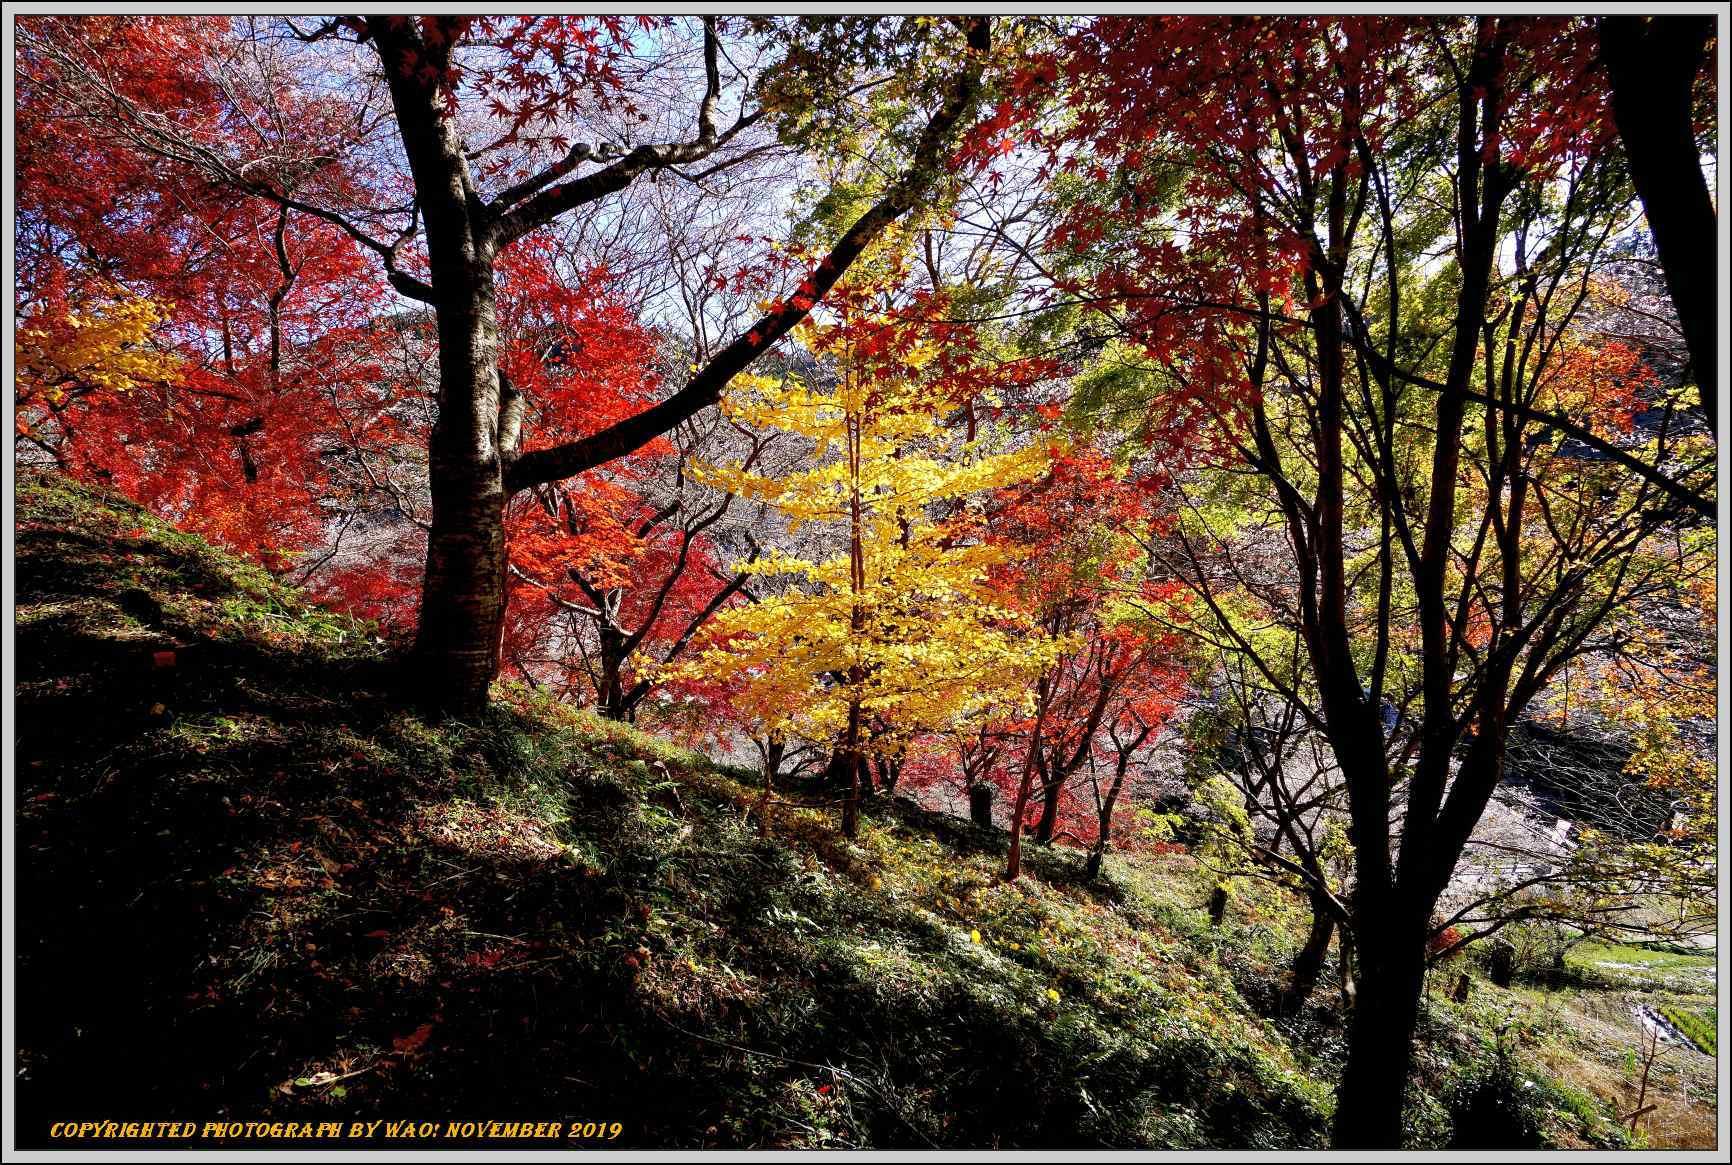 四季桜とモミジのコラボレーション-1_c0198669_15540718.jpg